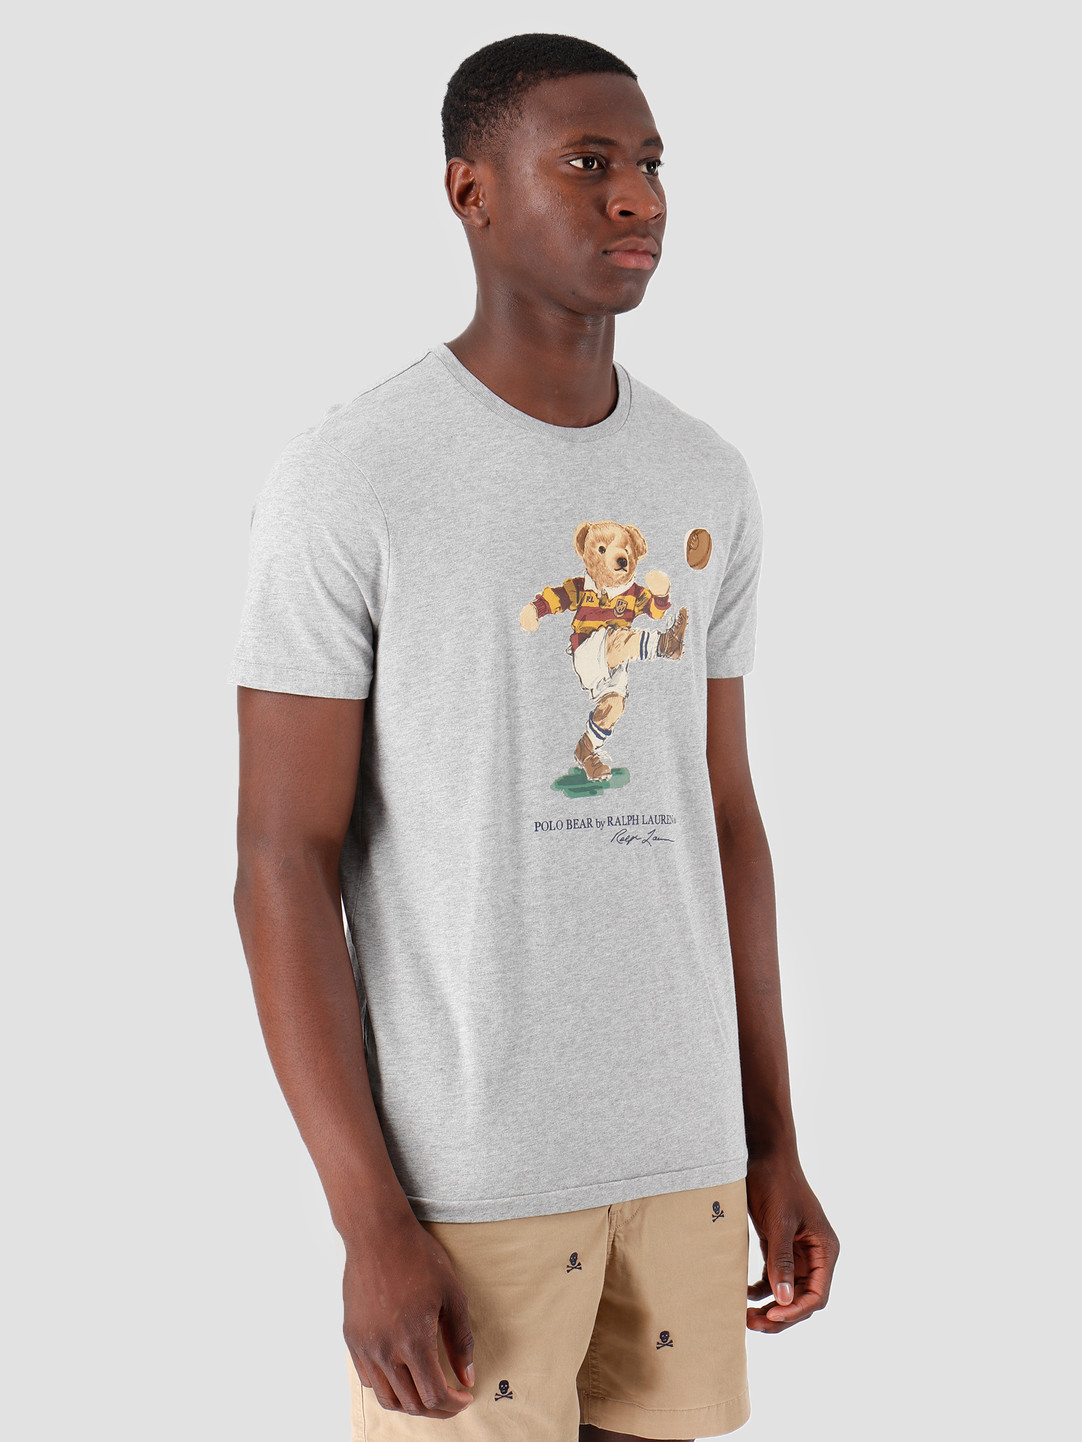 Polo Ralph Lauren Ralph Lauren 26 1 Jersey Shortsleeve T-Shirt Grey Htr 710750927001